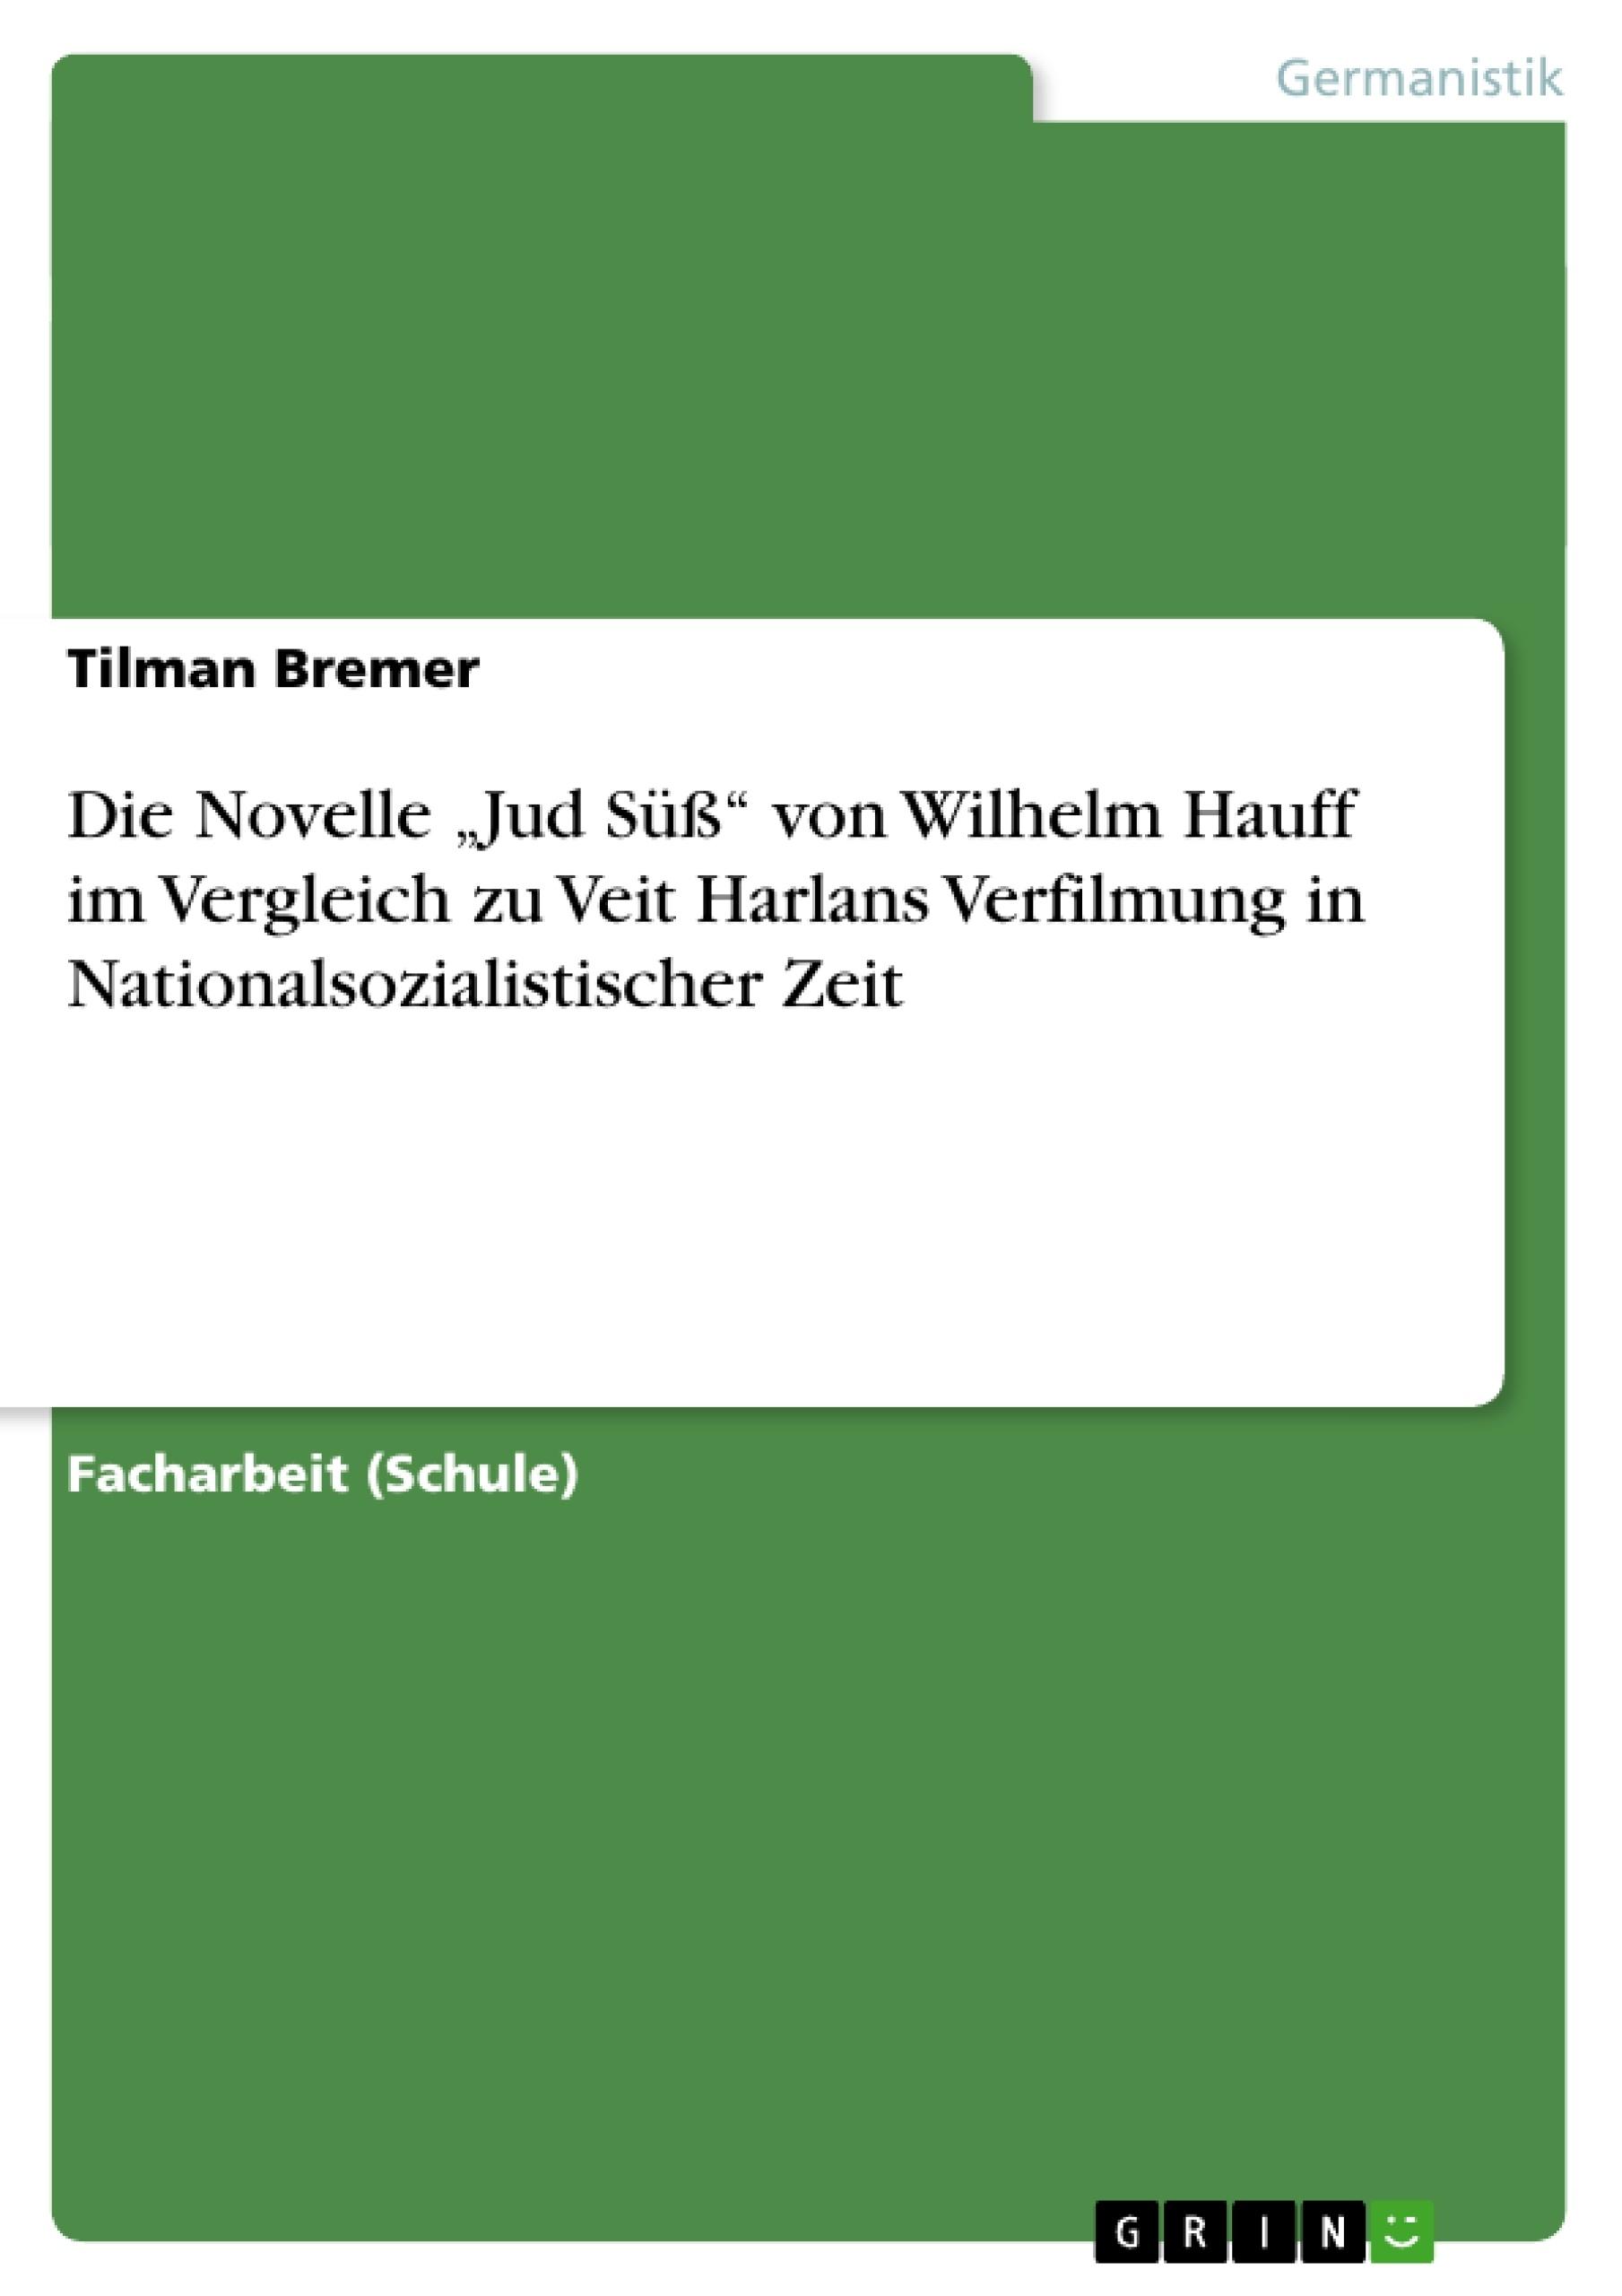 """Titel: Die Novelle """"Jud Süß"""" von Wilhelm Hauff im Vergleich zu Veit Harlans Verfilmung in Nationalsozialistischer Zeit"""